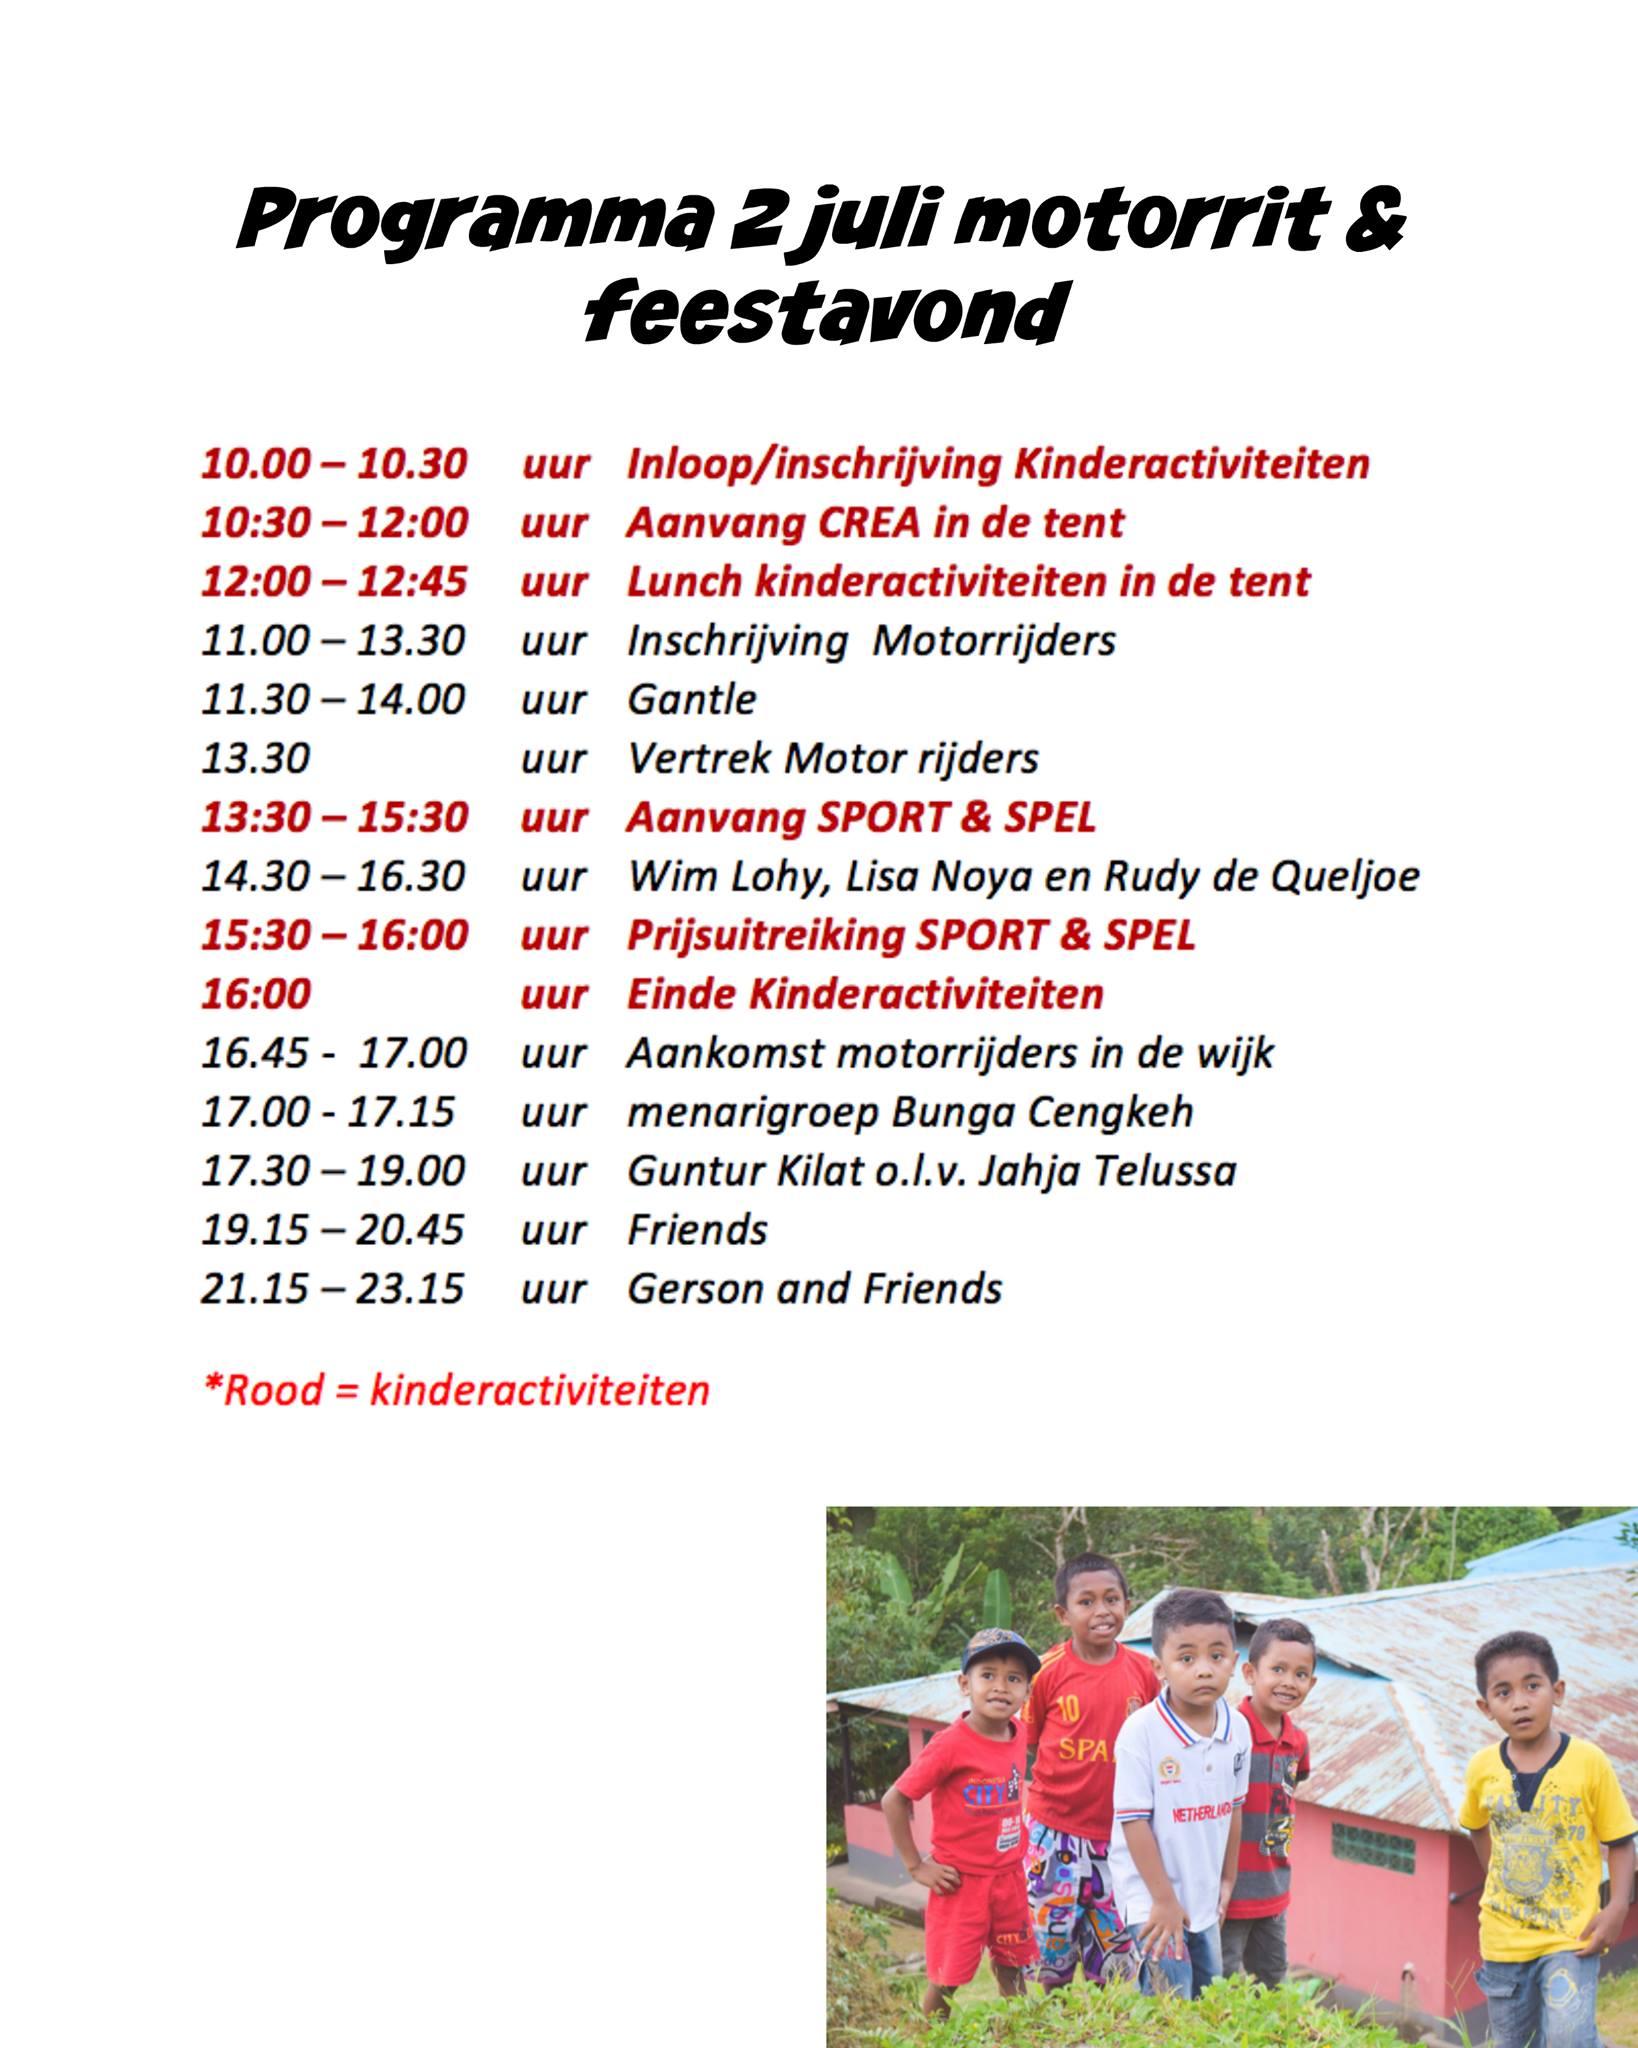 Programma 2 juli